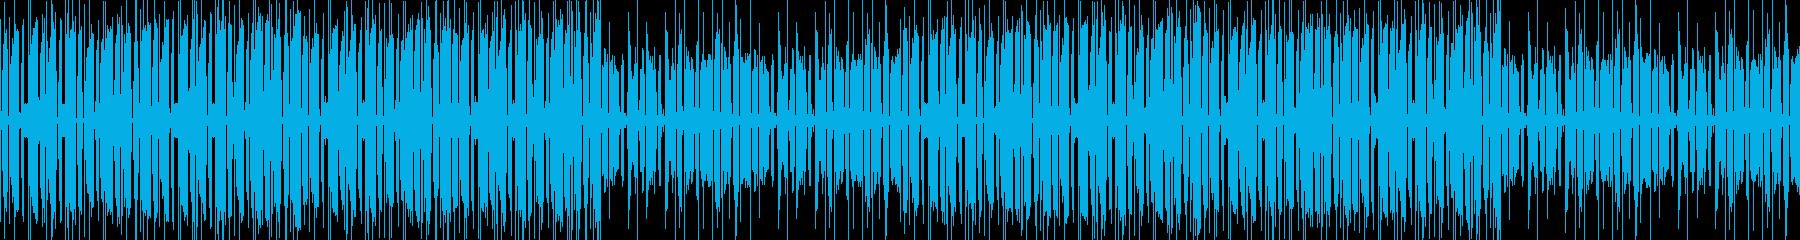 チルアウト、優しい、お洒落の再生済みの波形